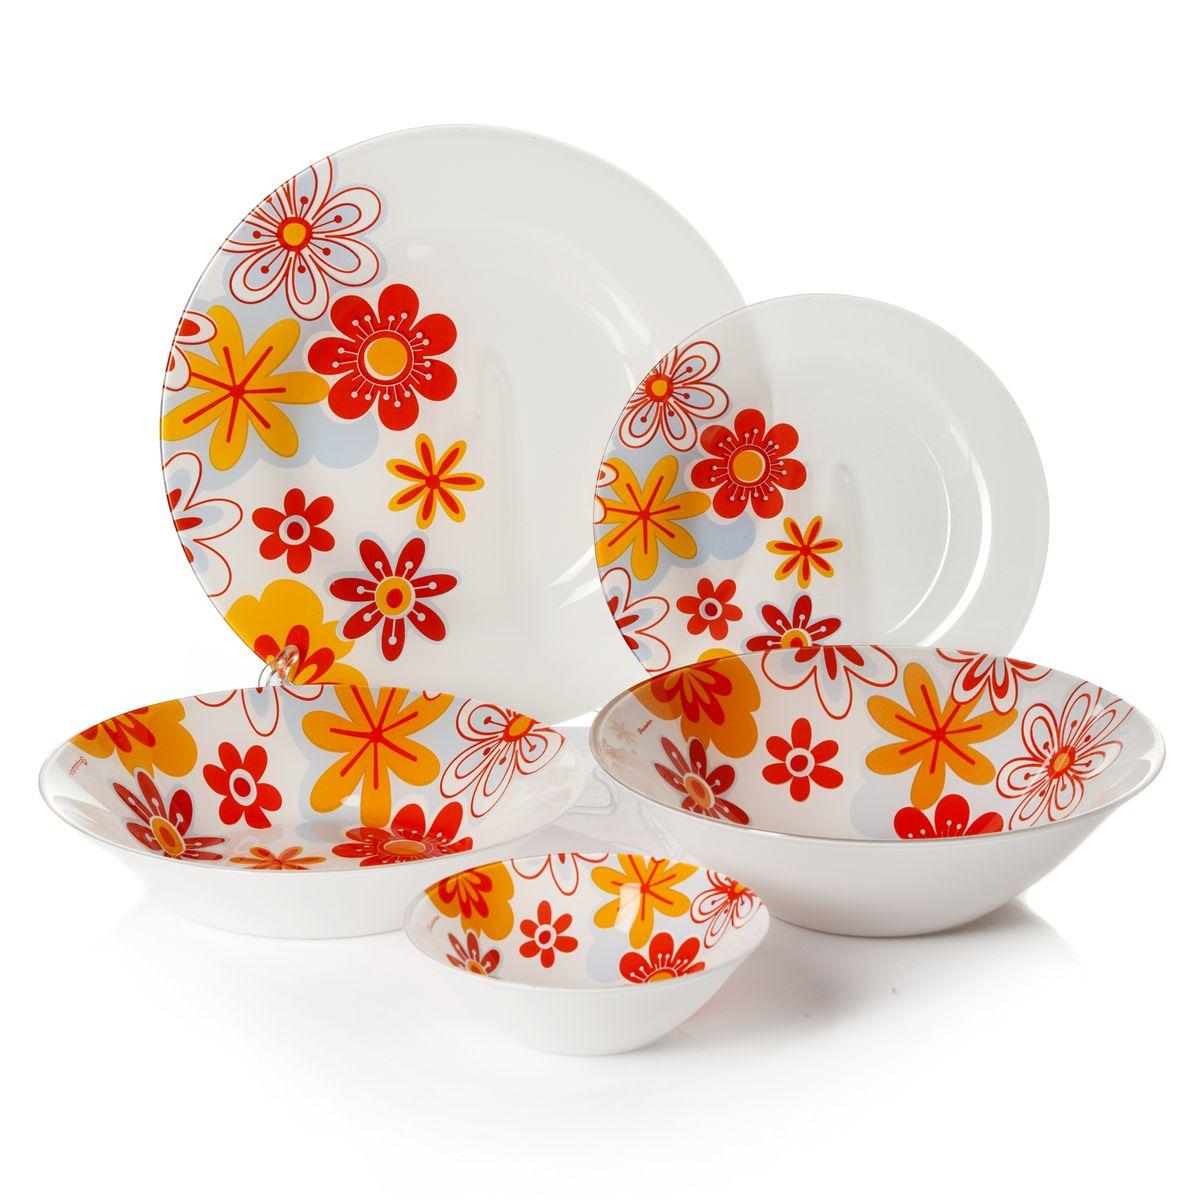 Набор посуды Pasabahce Workshop Summer, цвет: белый, оранжевый, голубой, 25 предметов набор обеденных тарелок pasabahce atlantis 6 предметов